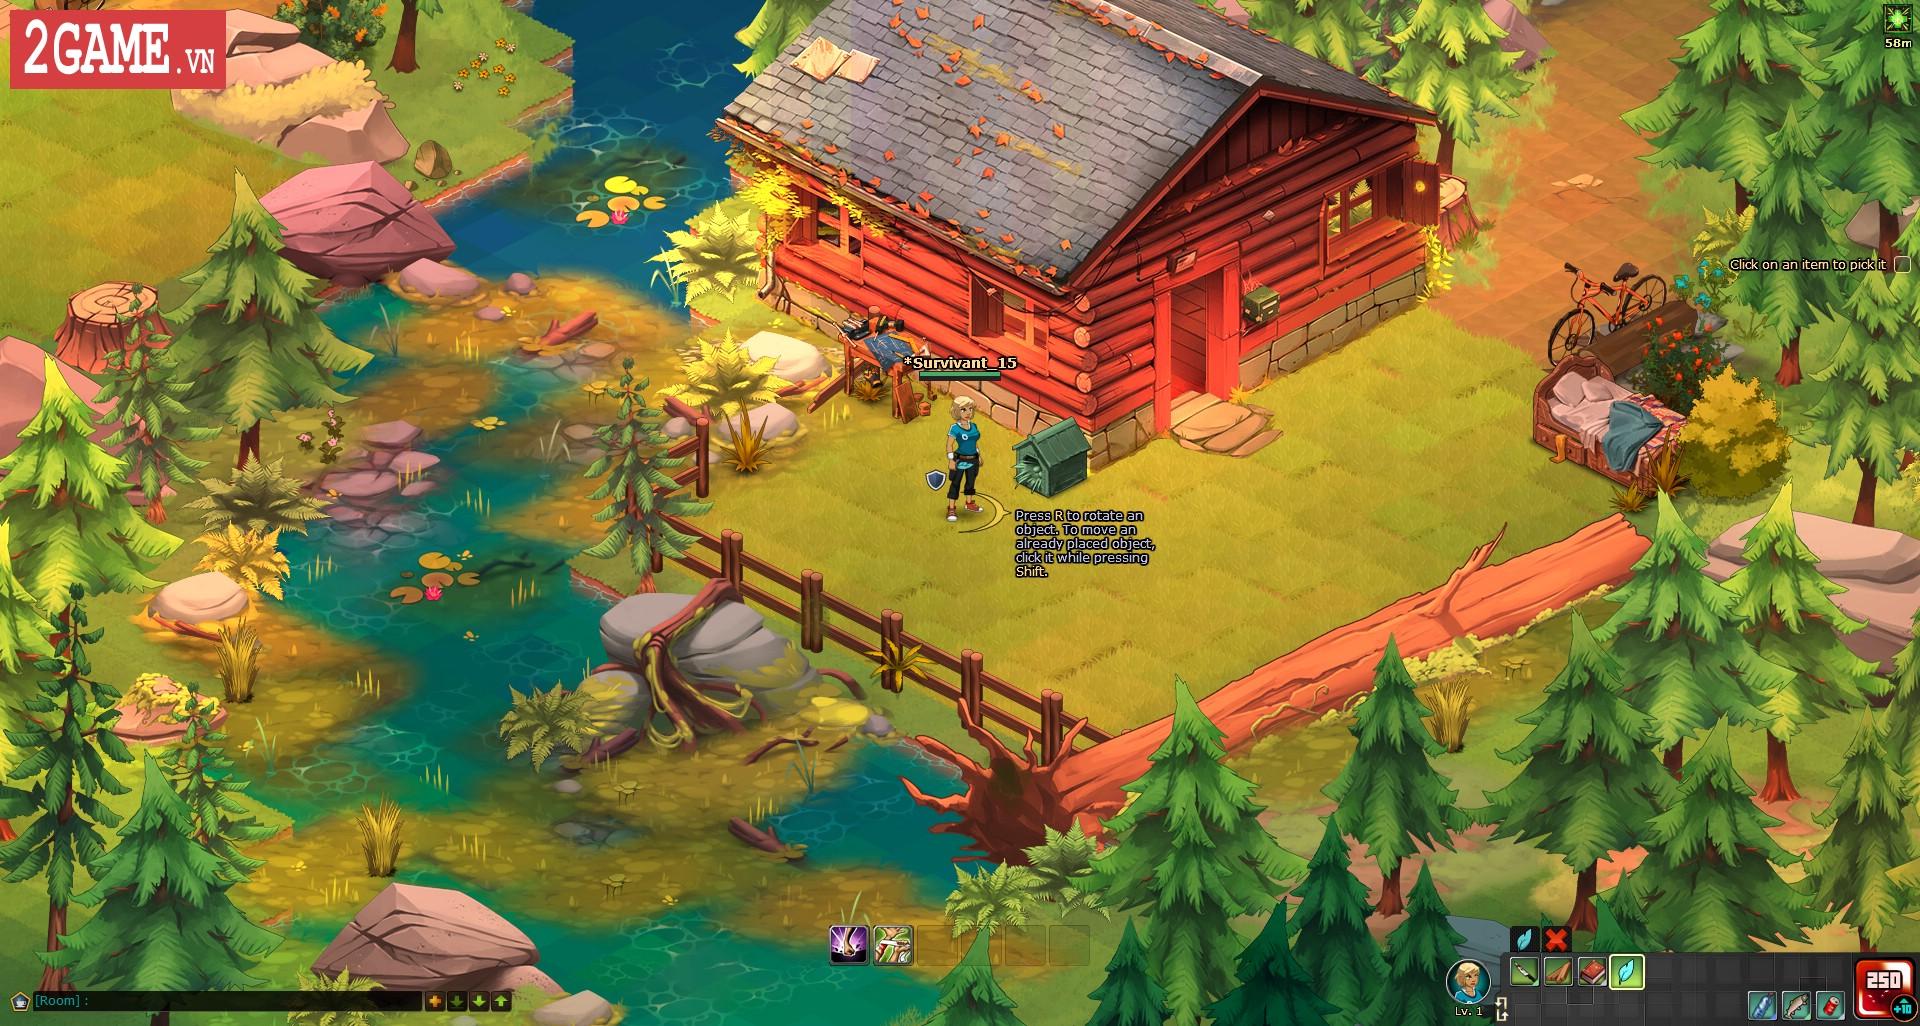 Dead Maze – Hé lộ dự án game nhập vai thế giới mở mới đầy đột phá 3